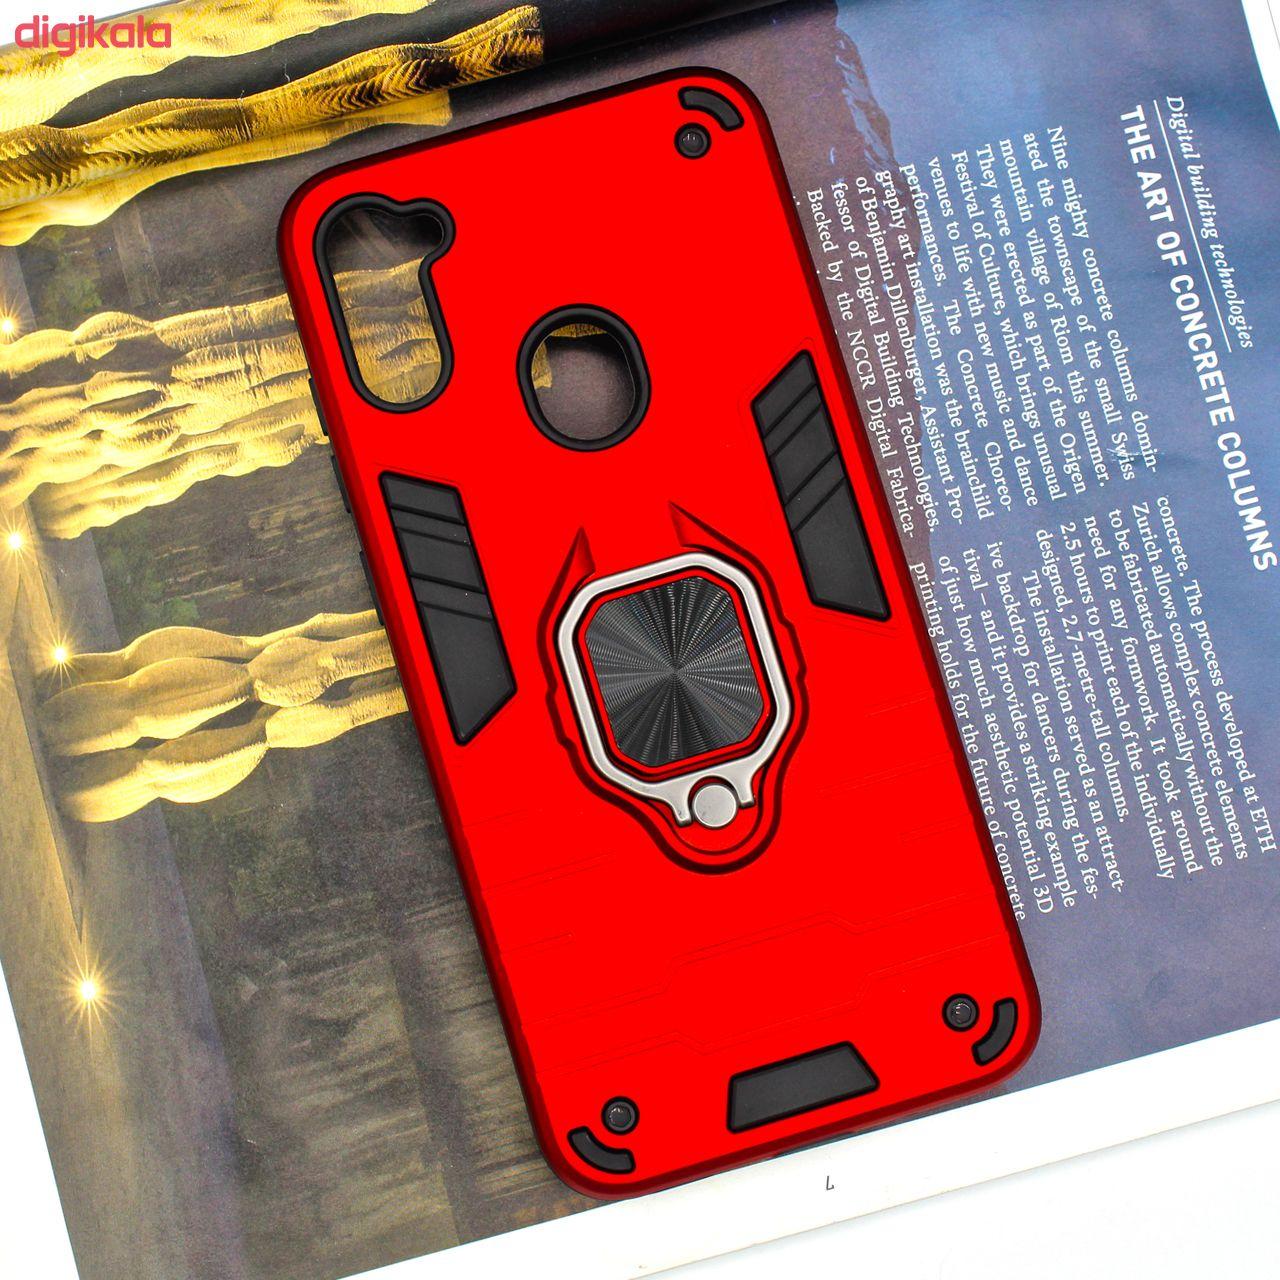 کاور کینگ پاور مدل ASH22 مناسب برای گوشی موبایل سامسونگ Galaxy A11 main 1 8